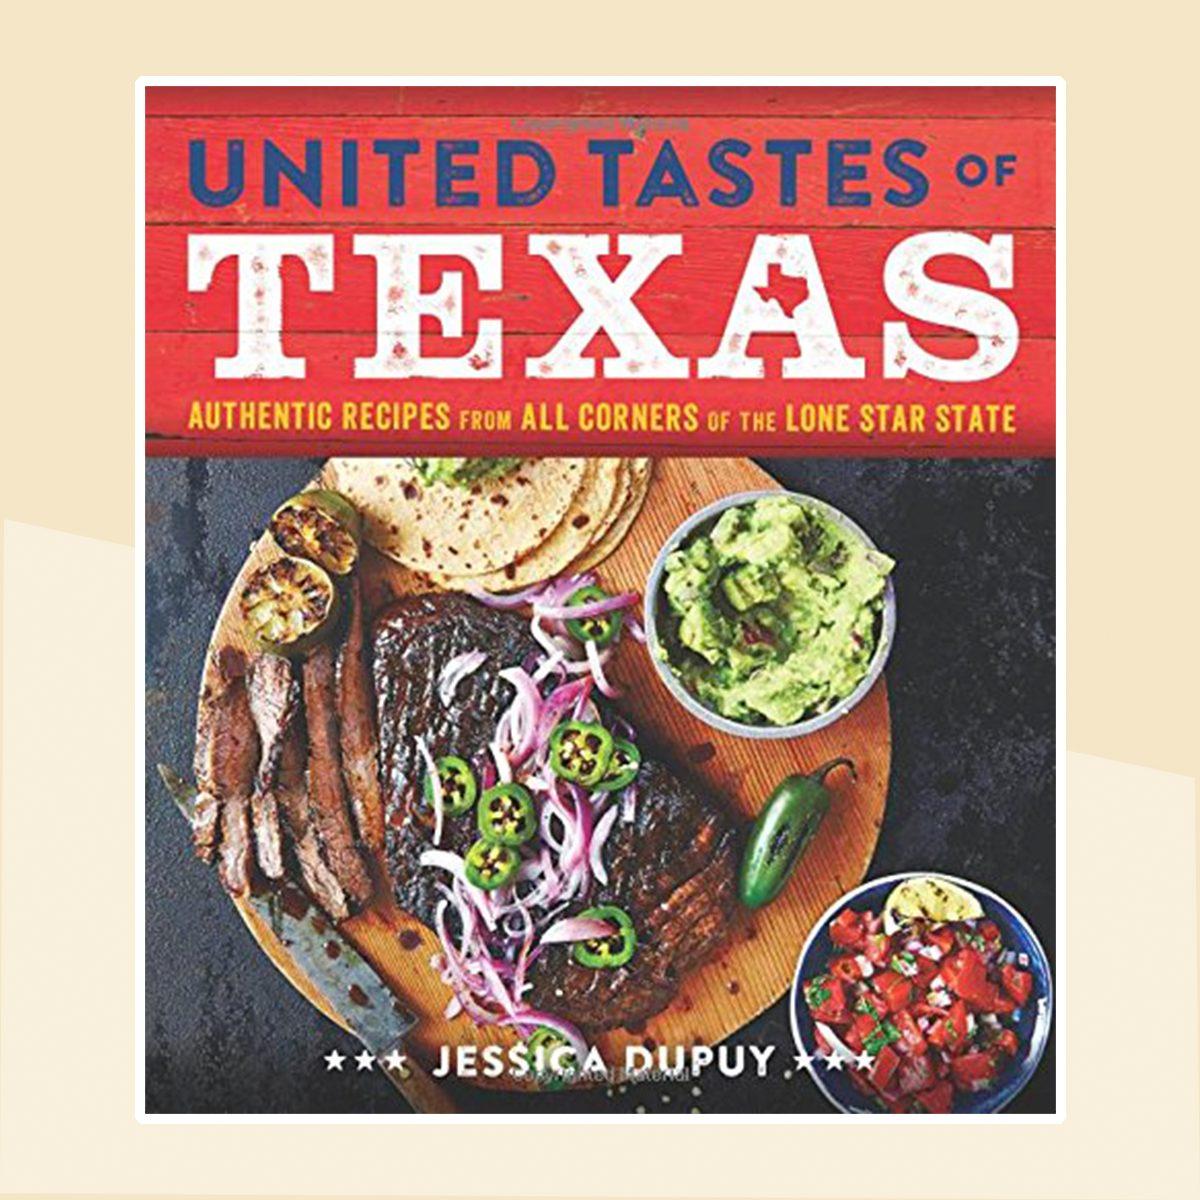 The United Tastes of Texas